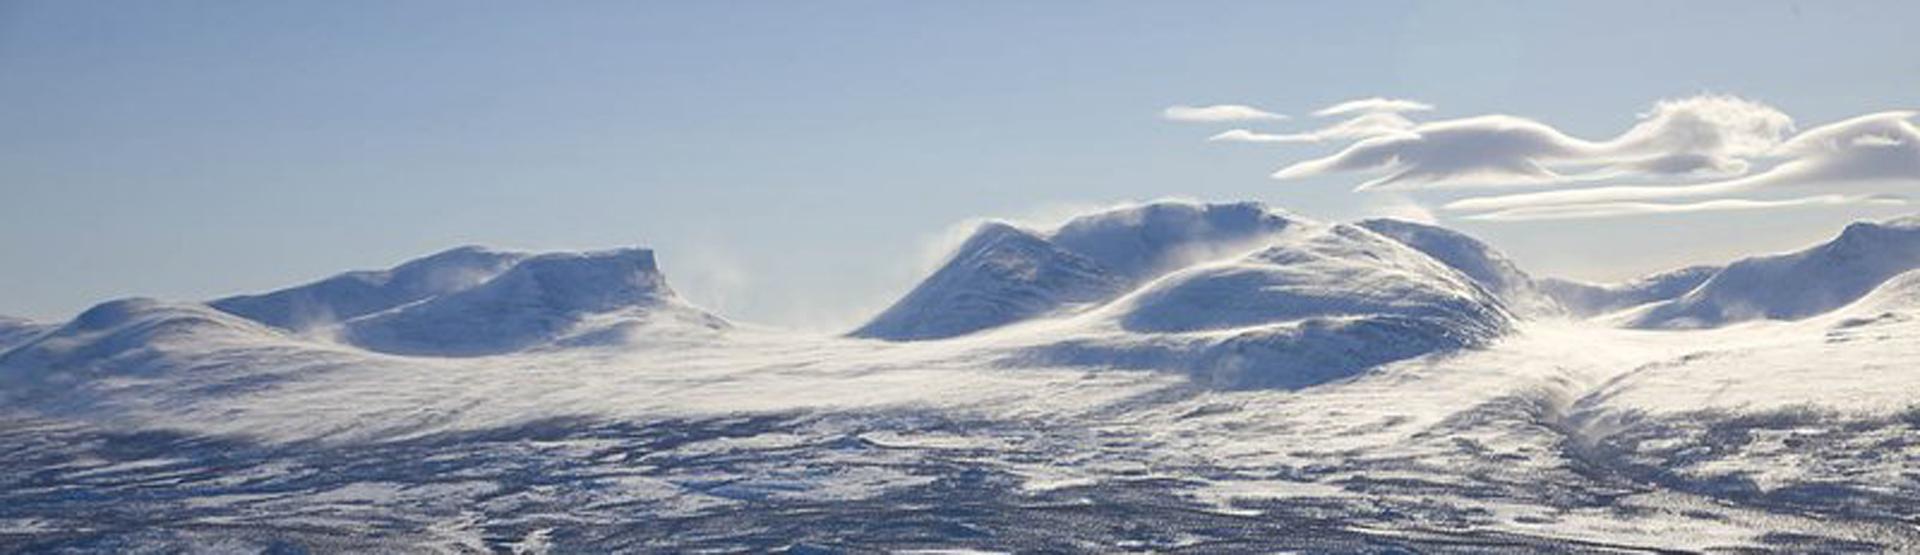 nordlicht beobachtung und ski touren im u ersten norden. Black Bedroom Furniture Sets. Home Design Ideas